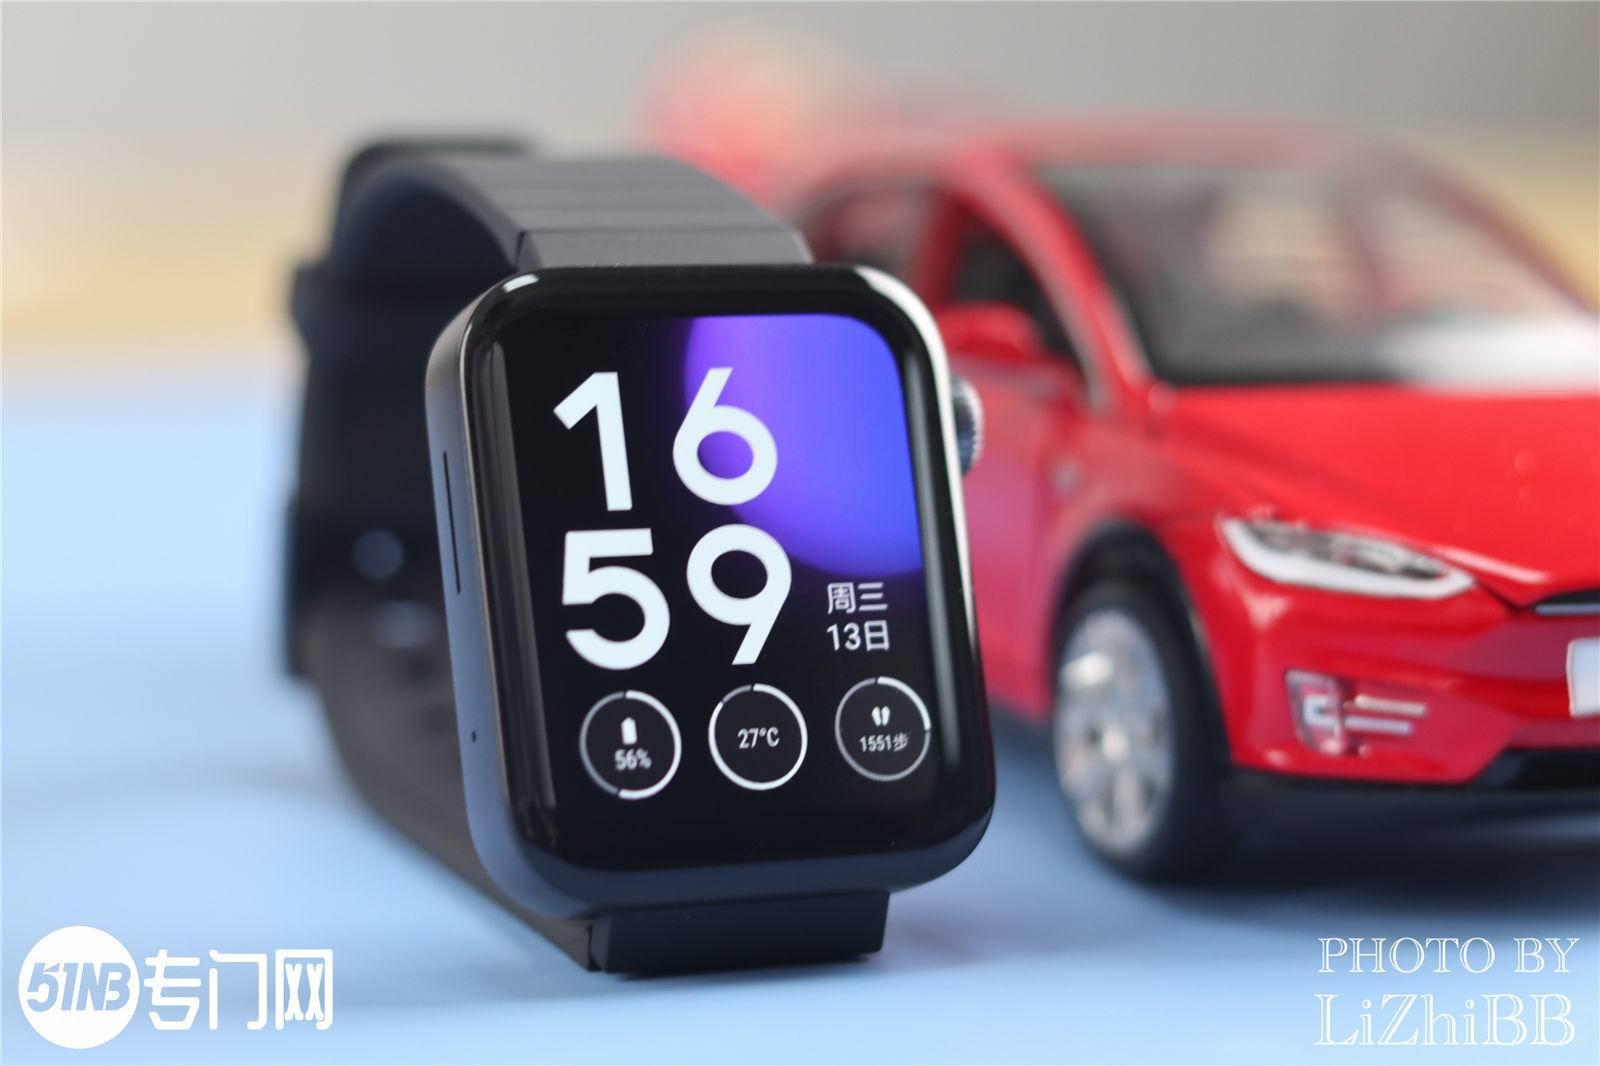 小米智能手表首批用户评价:好评率不高差评吐槽犀利